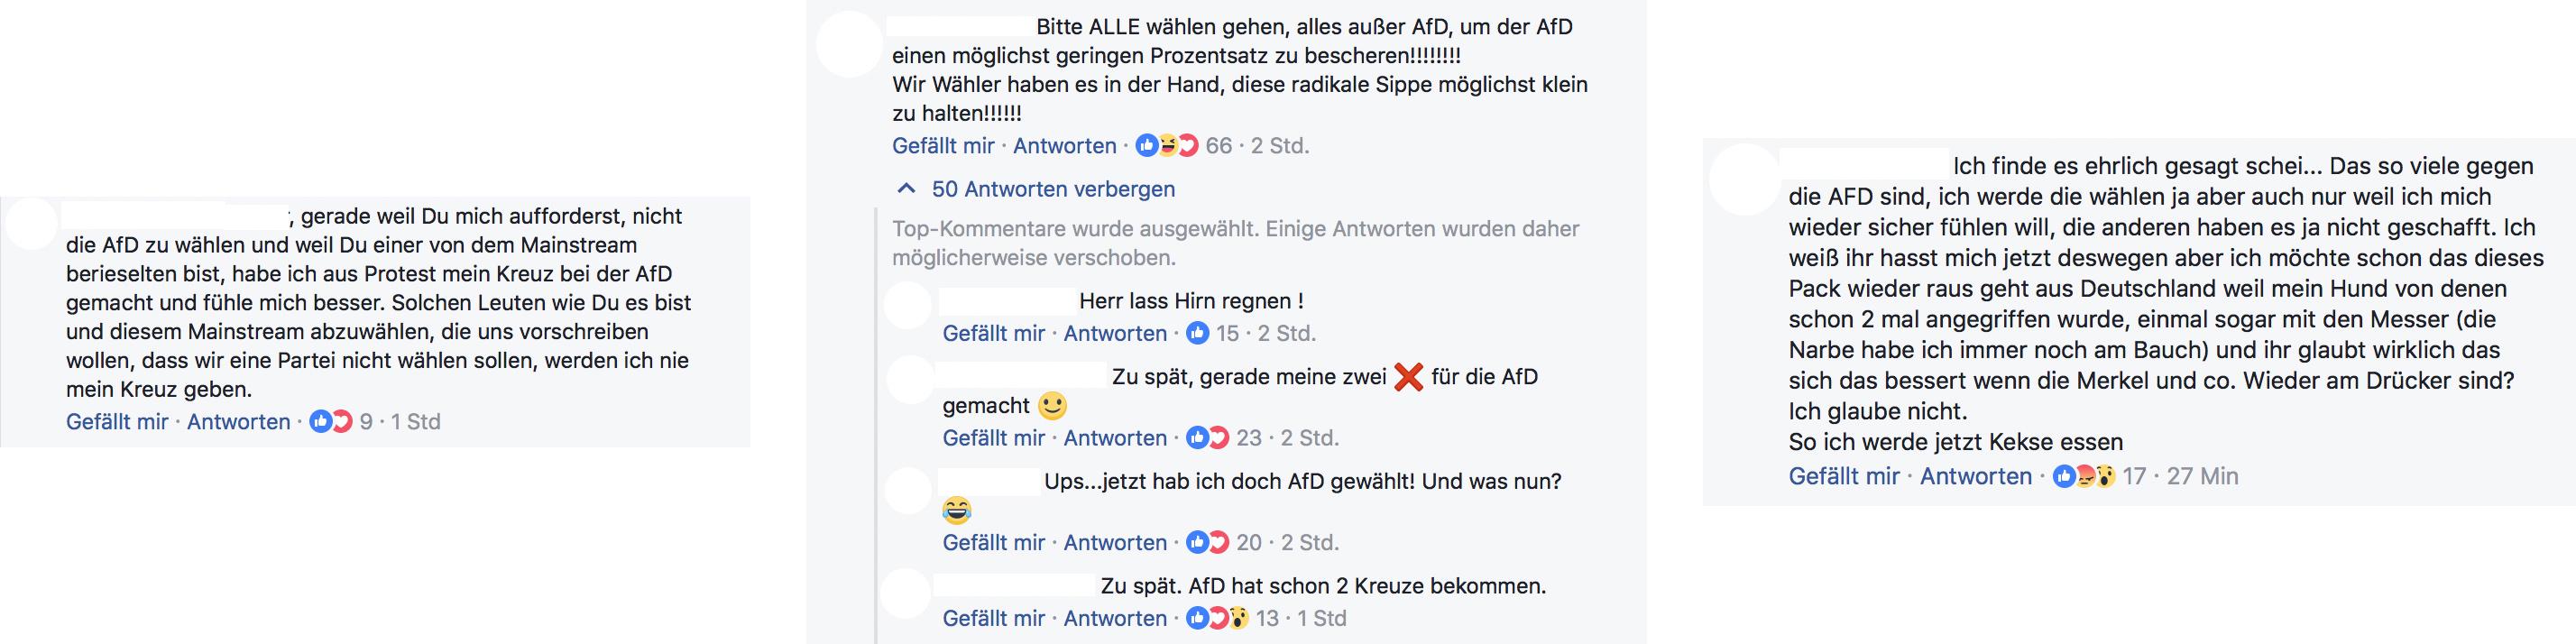 Bundestagswahl_1 Kopie Kopie